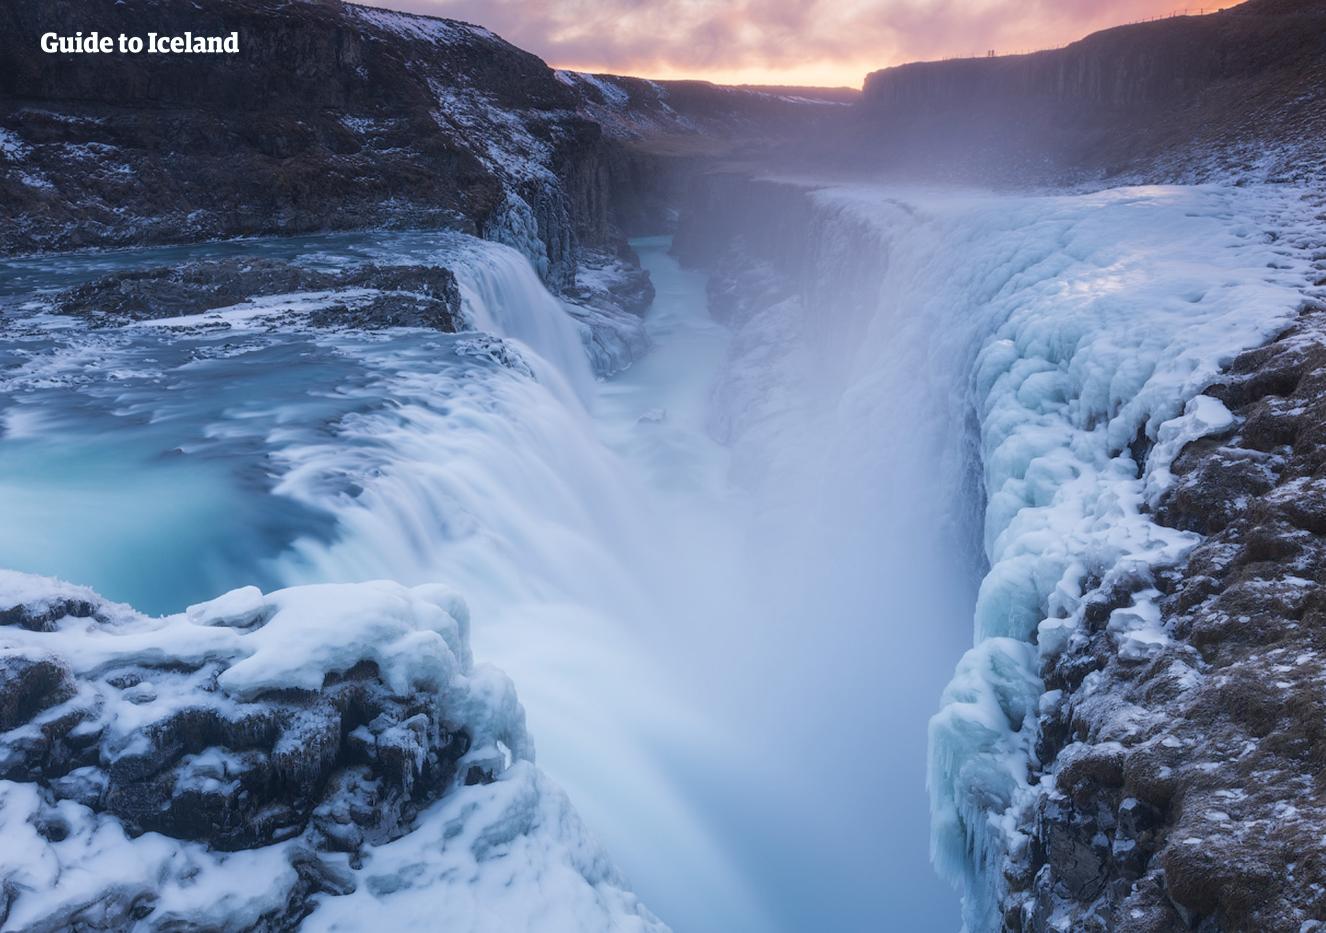 Mektige Gullfoss er et fabelaktig syn, og om vinteren gjør det frosne landskapet rundt bare stedet enda mer fascinerende